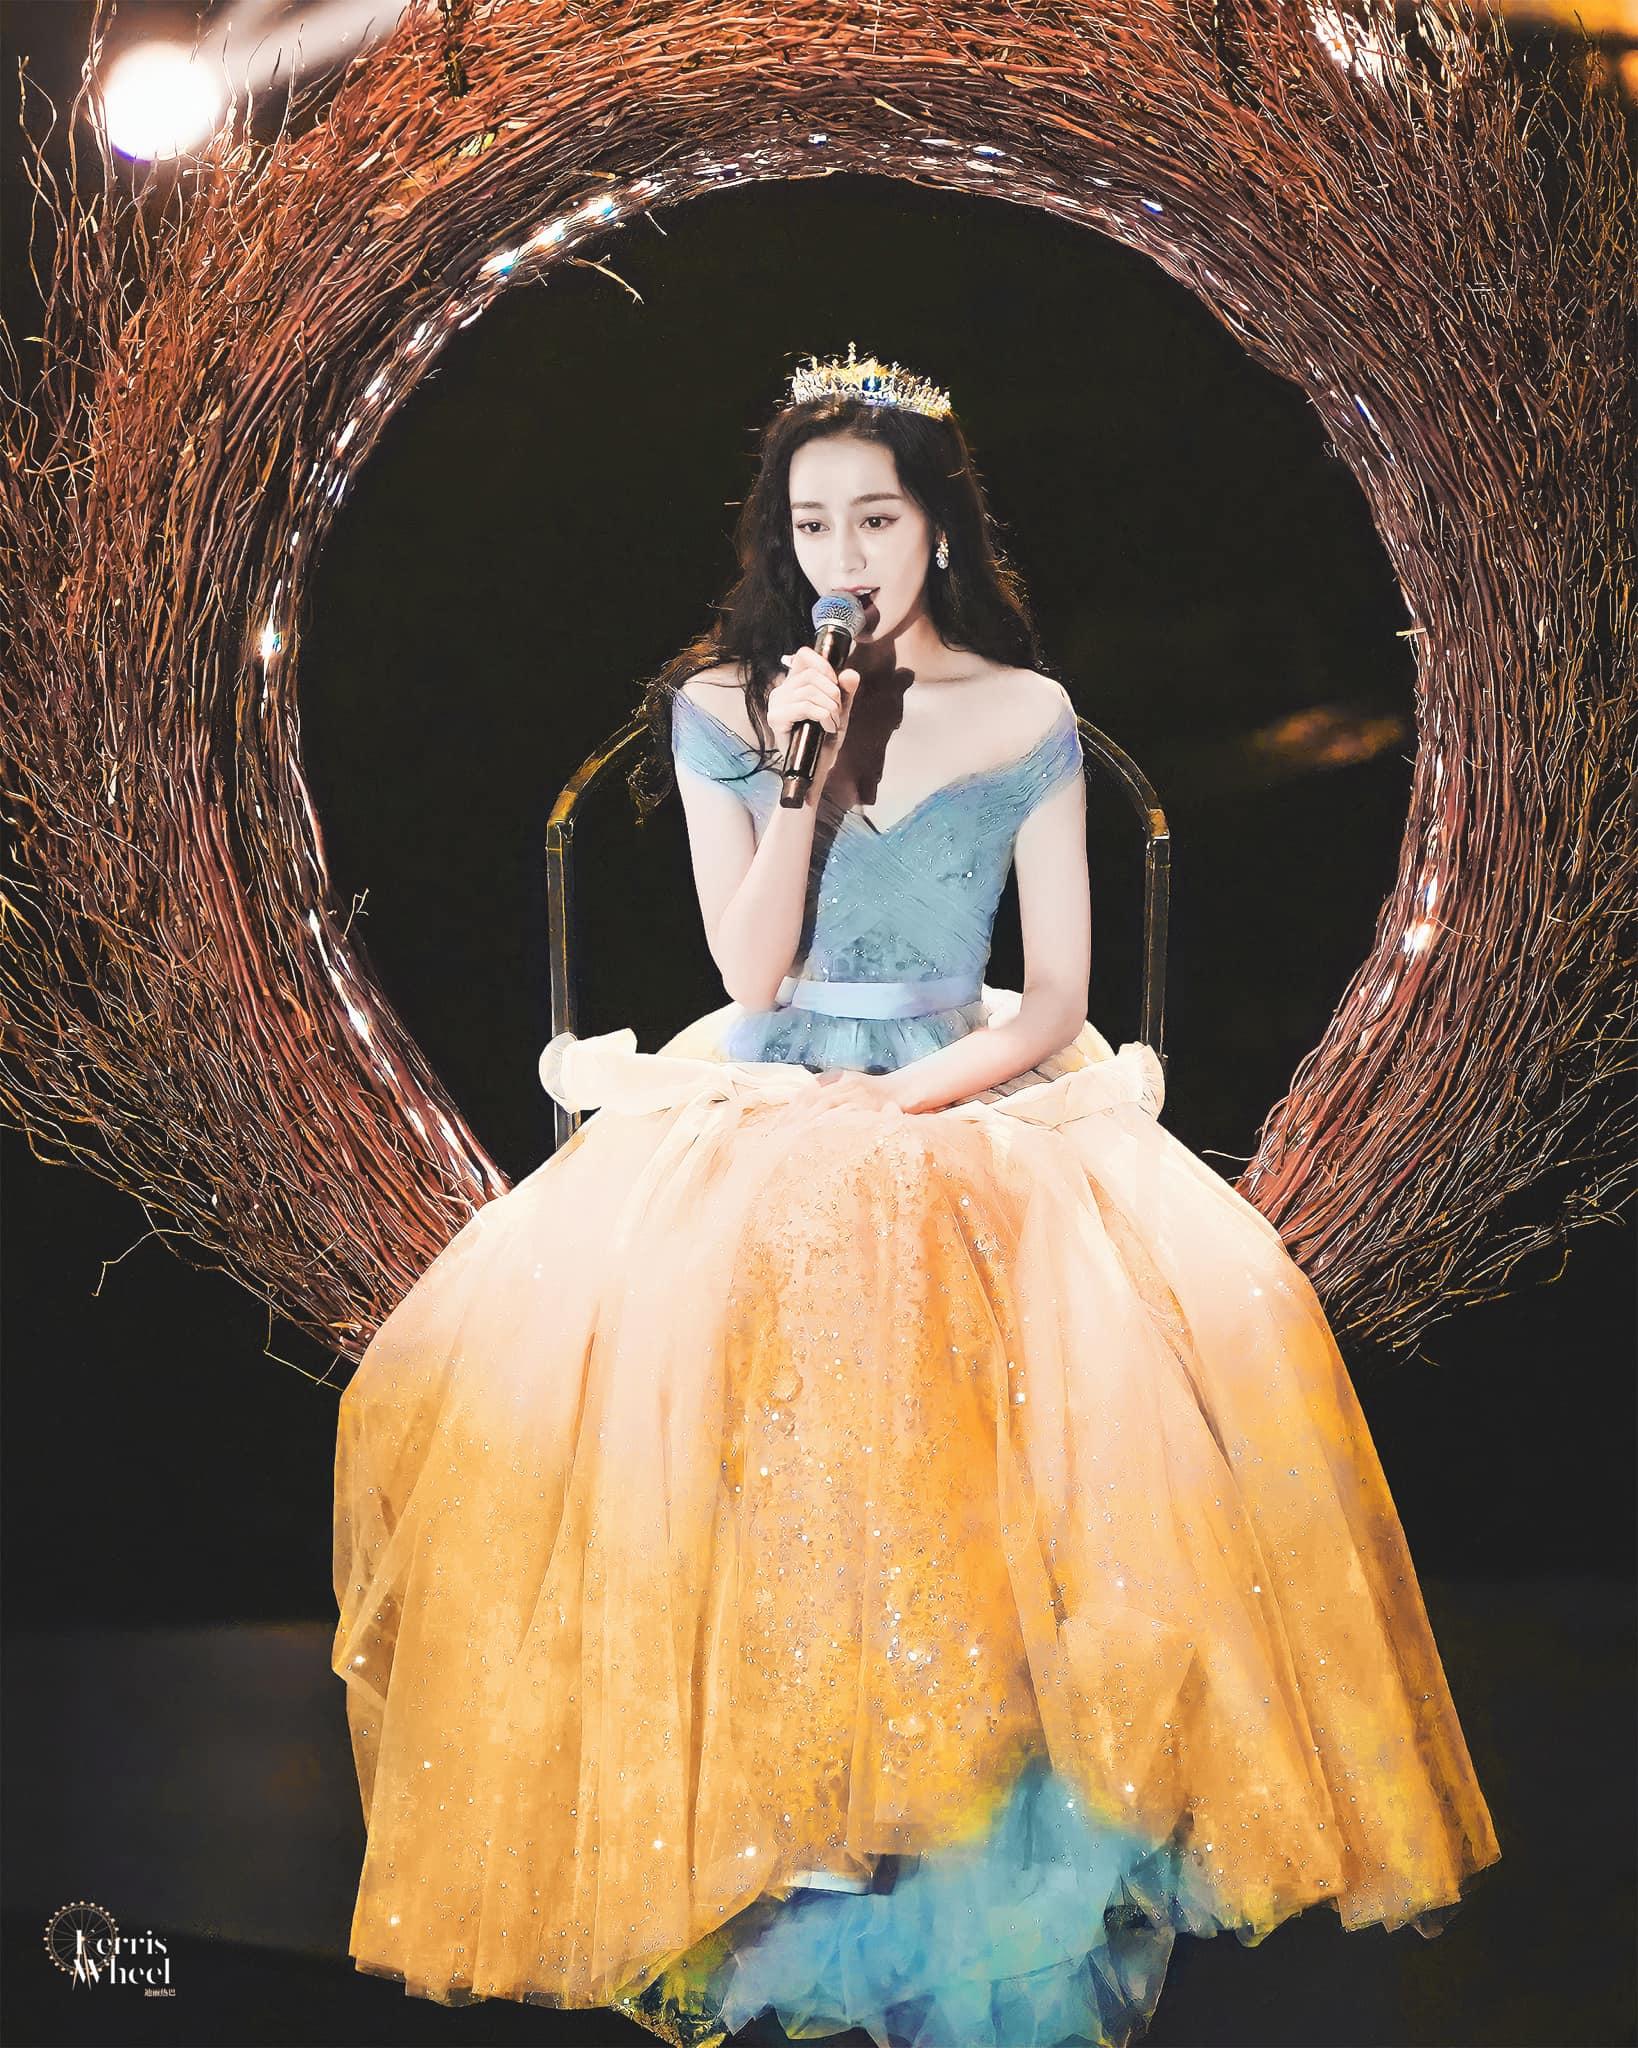 Khoảnh khắc người đẹp từ từ hạ xuống từ vòng xoay trên không được ví như công chúa hạ phàm nhờ chiếc váy đẹp xuất sắc.